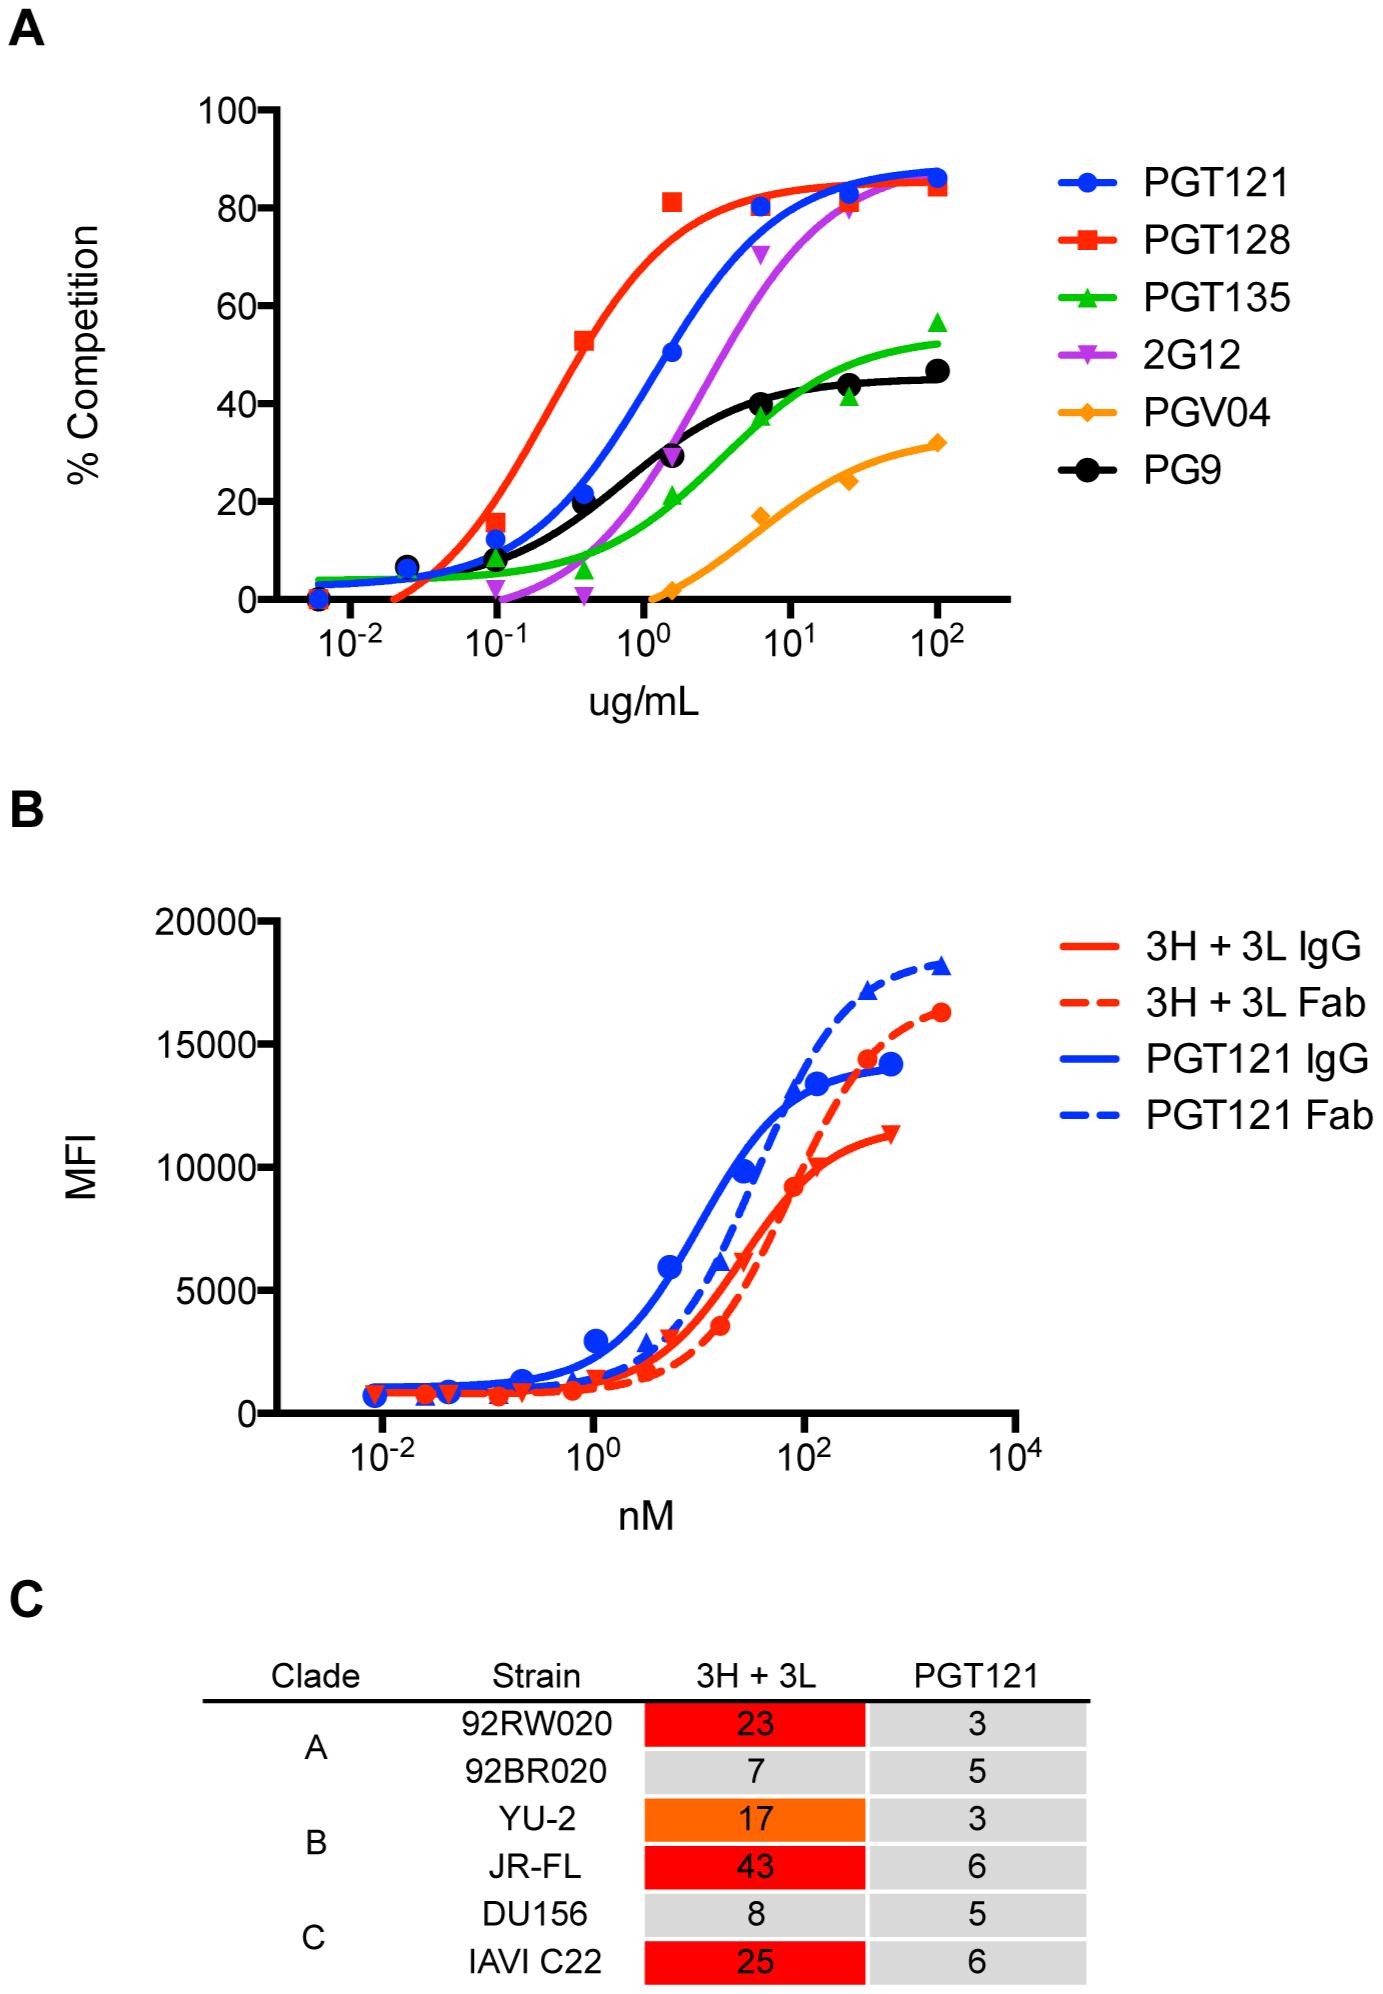 Antibody 3H+3L likely crosslinks between trimers.